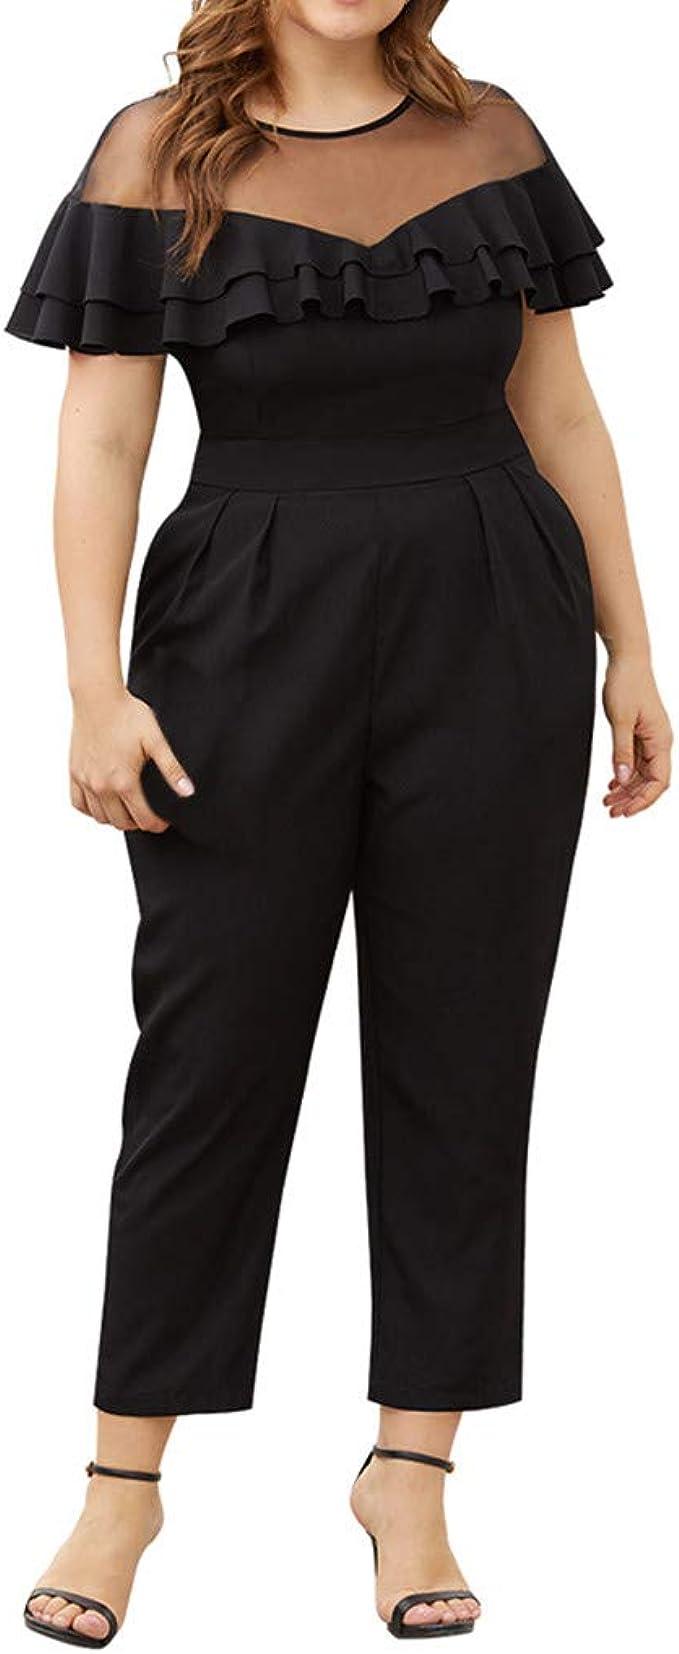 Für mollige hosenanzug Outfits für